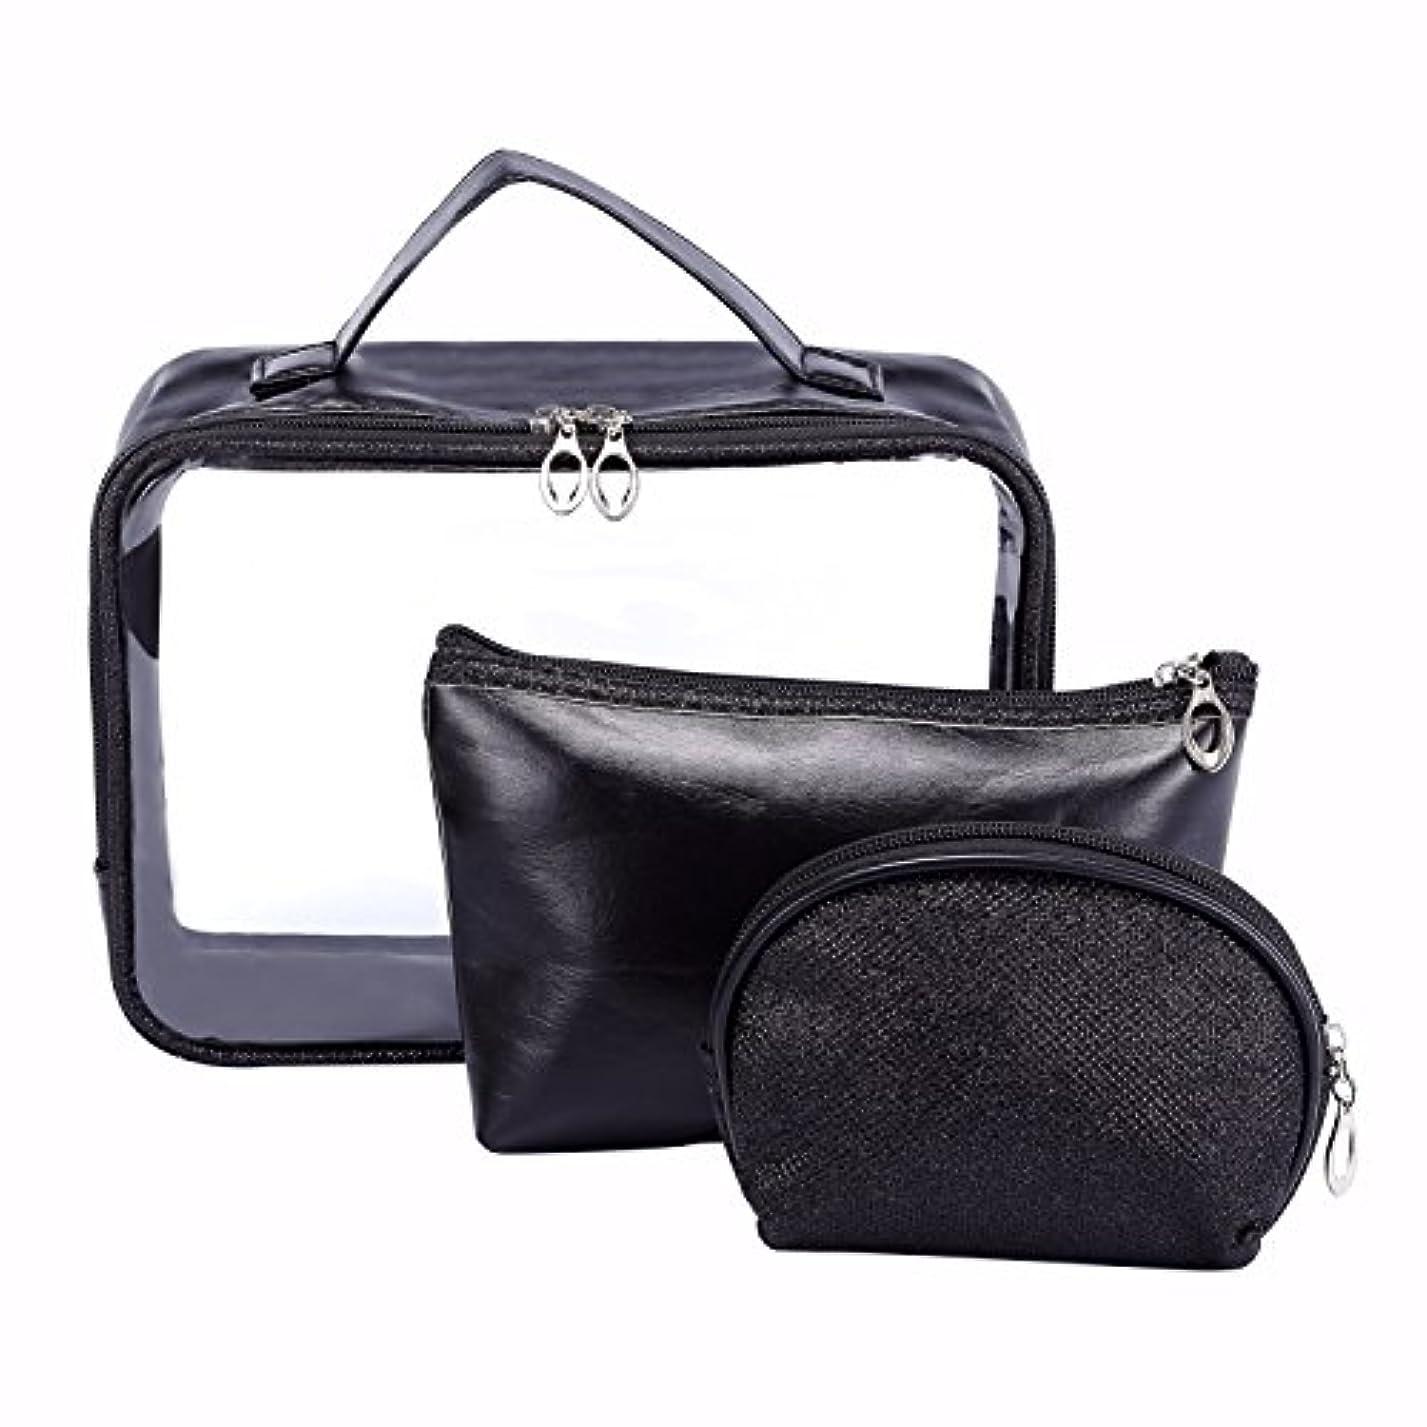 専制上昇キャリアHOYOFO 化粧ポーチ メイクバッグ バッグインバッグ 化粧品 収納 透明 雑貨 小物入れ 持ち運び可 超軽 防水 旅行 3点セット ブラック